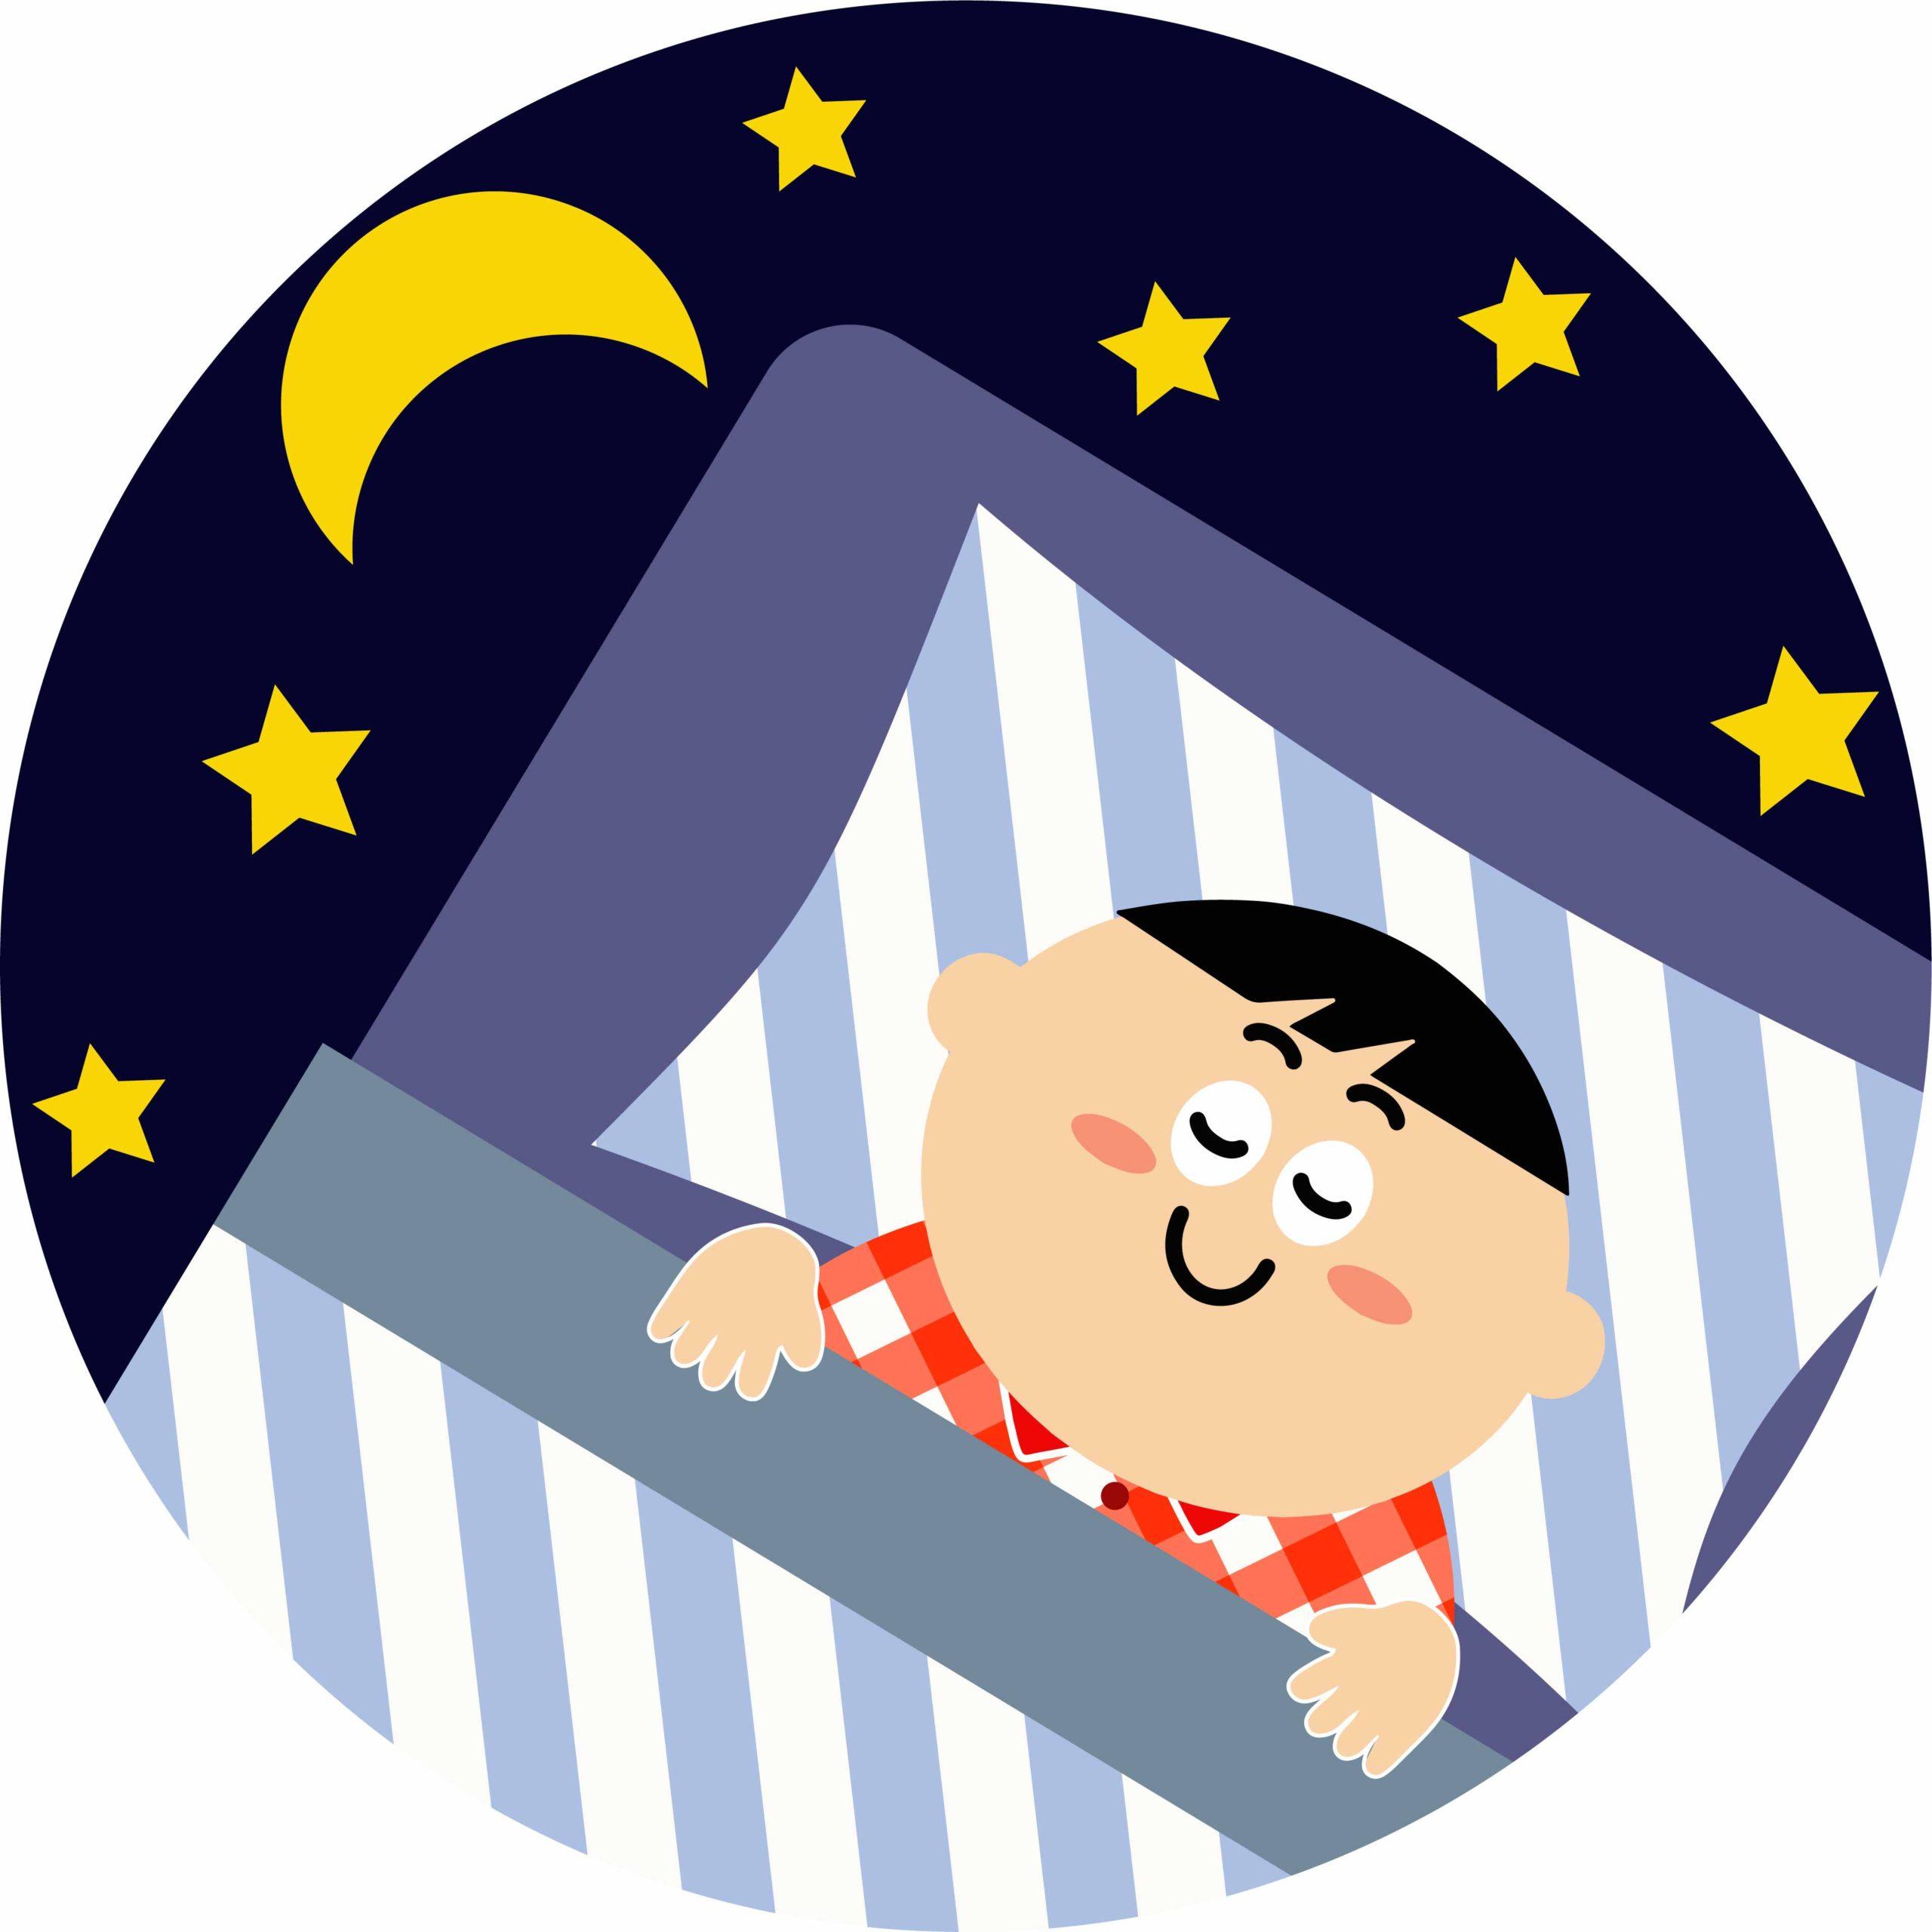 夜に布団で寝る子供